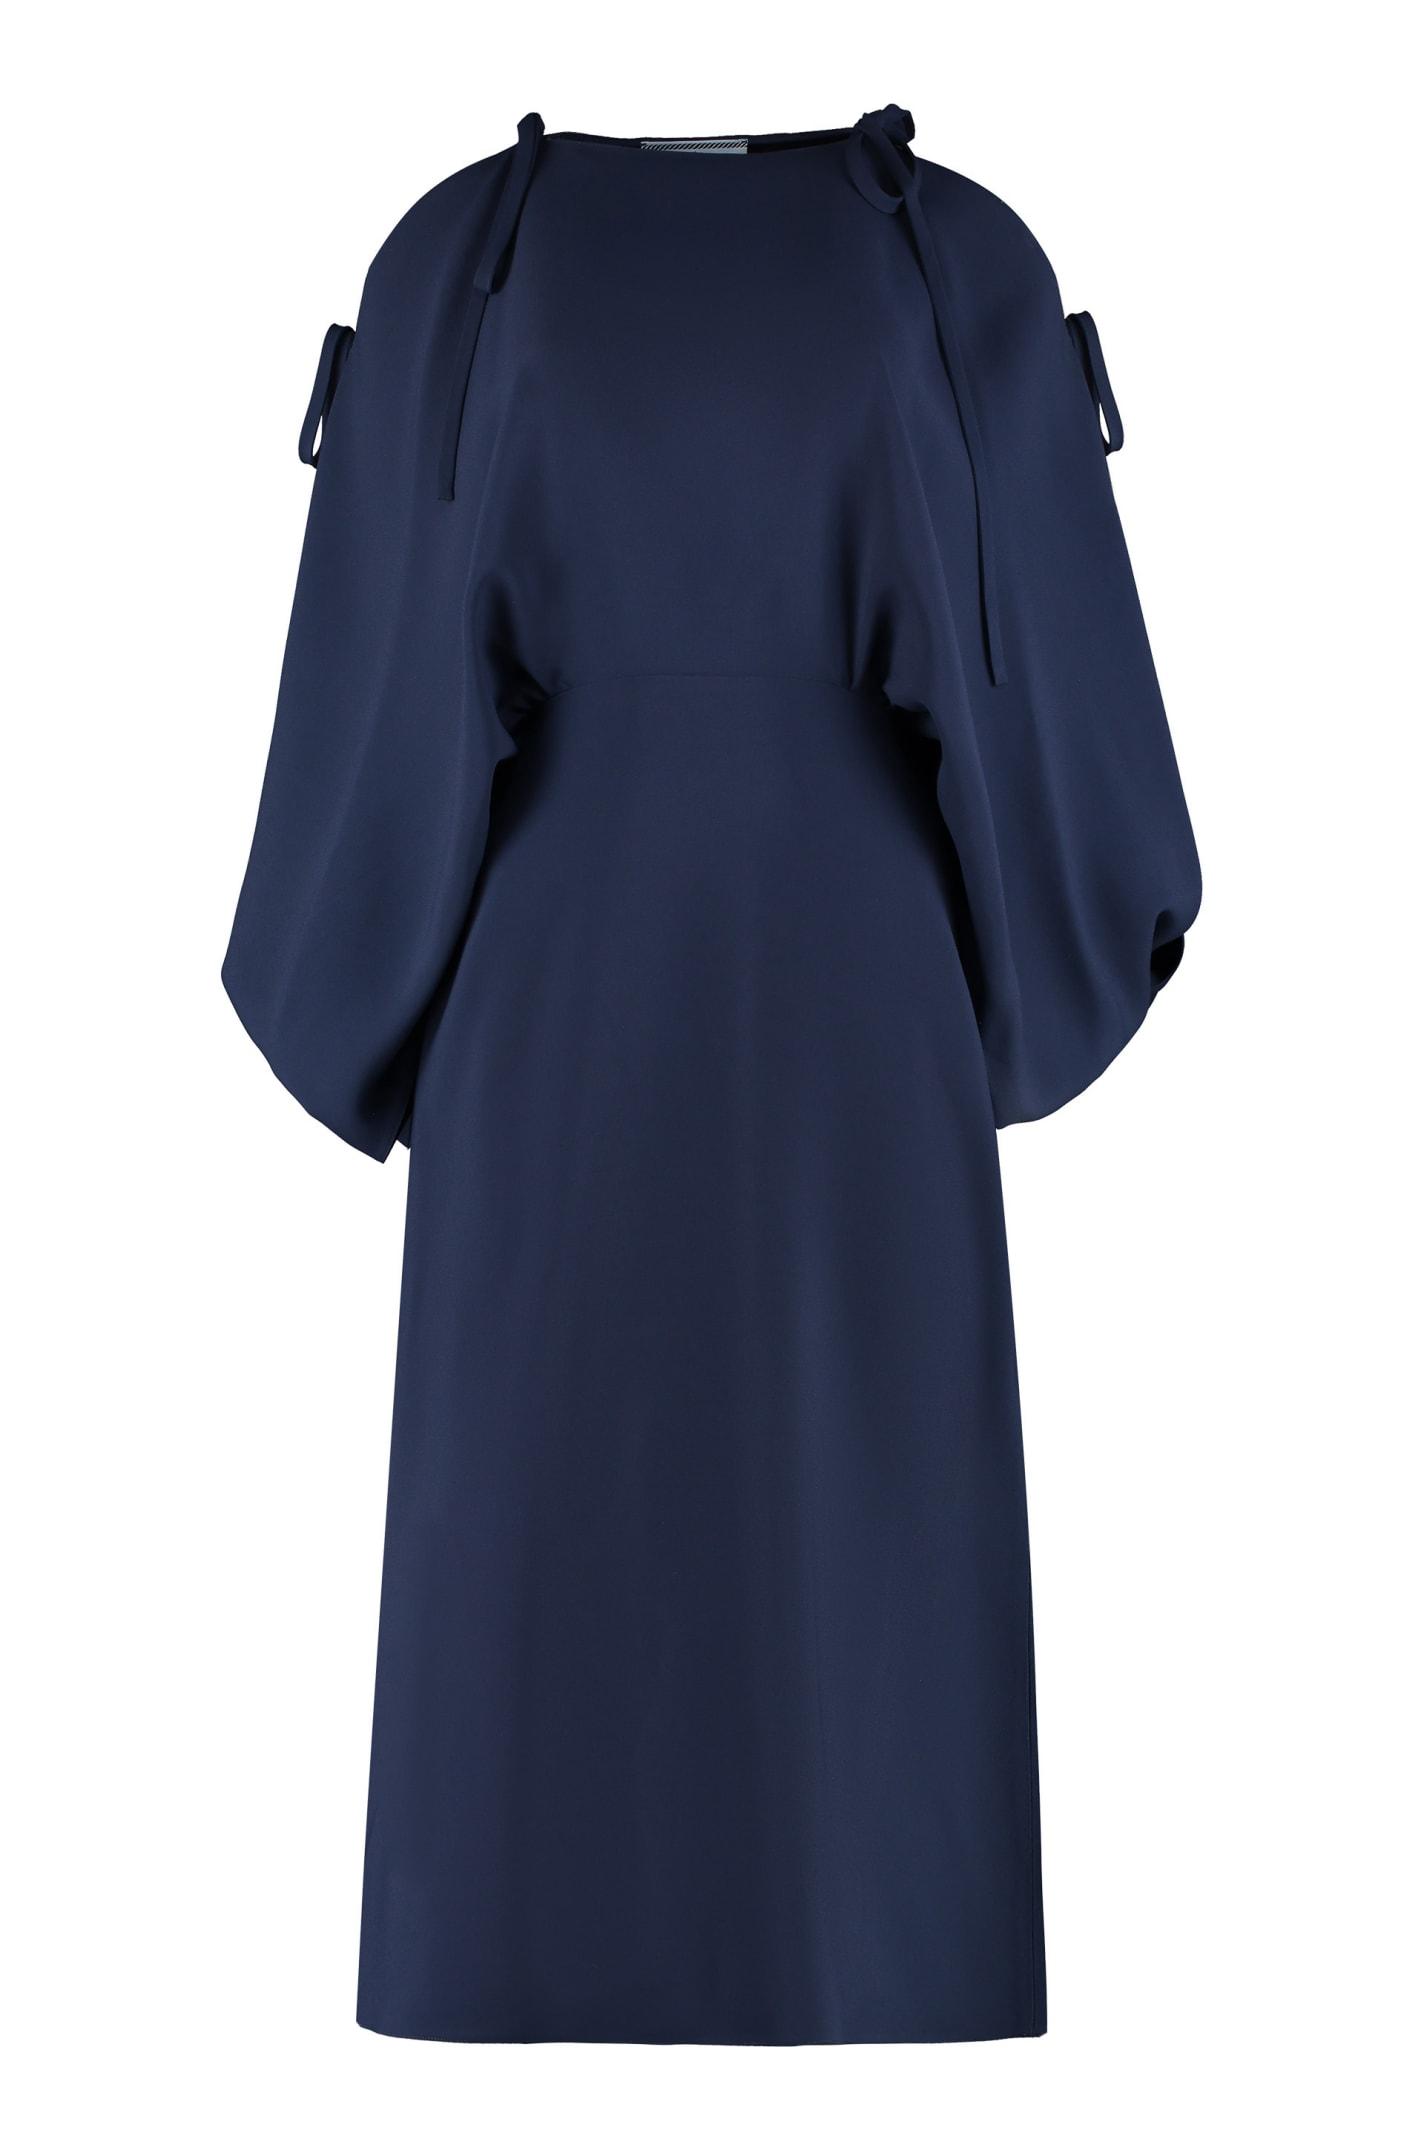 Prada Crêpe Envers Satin Dress